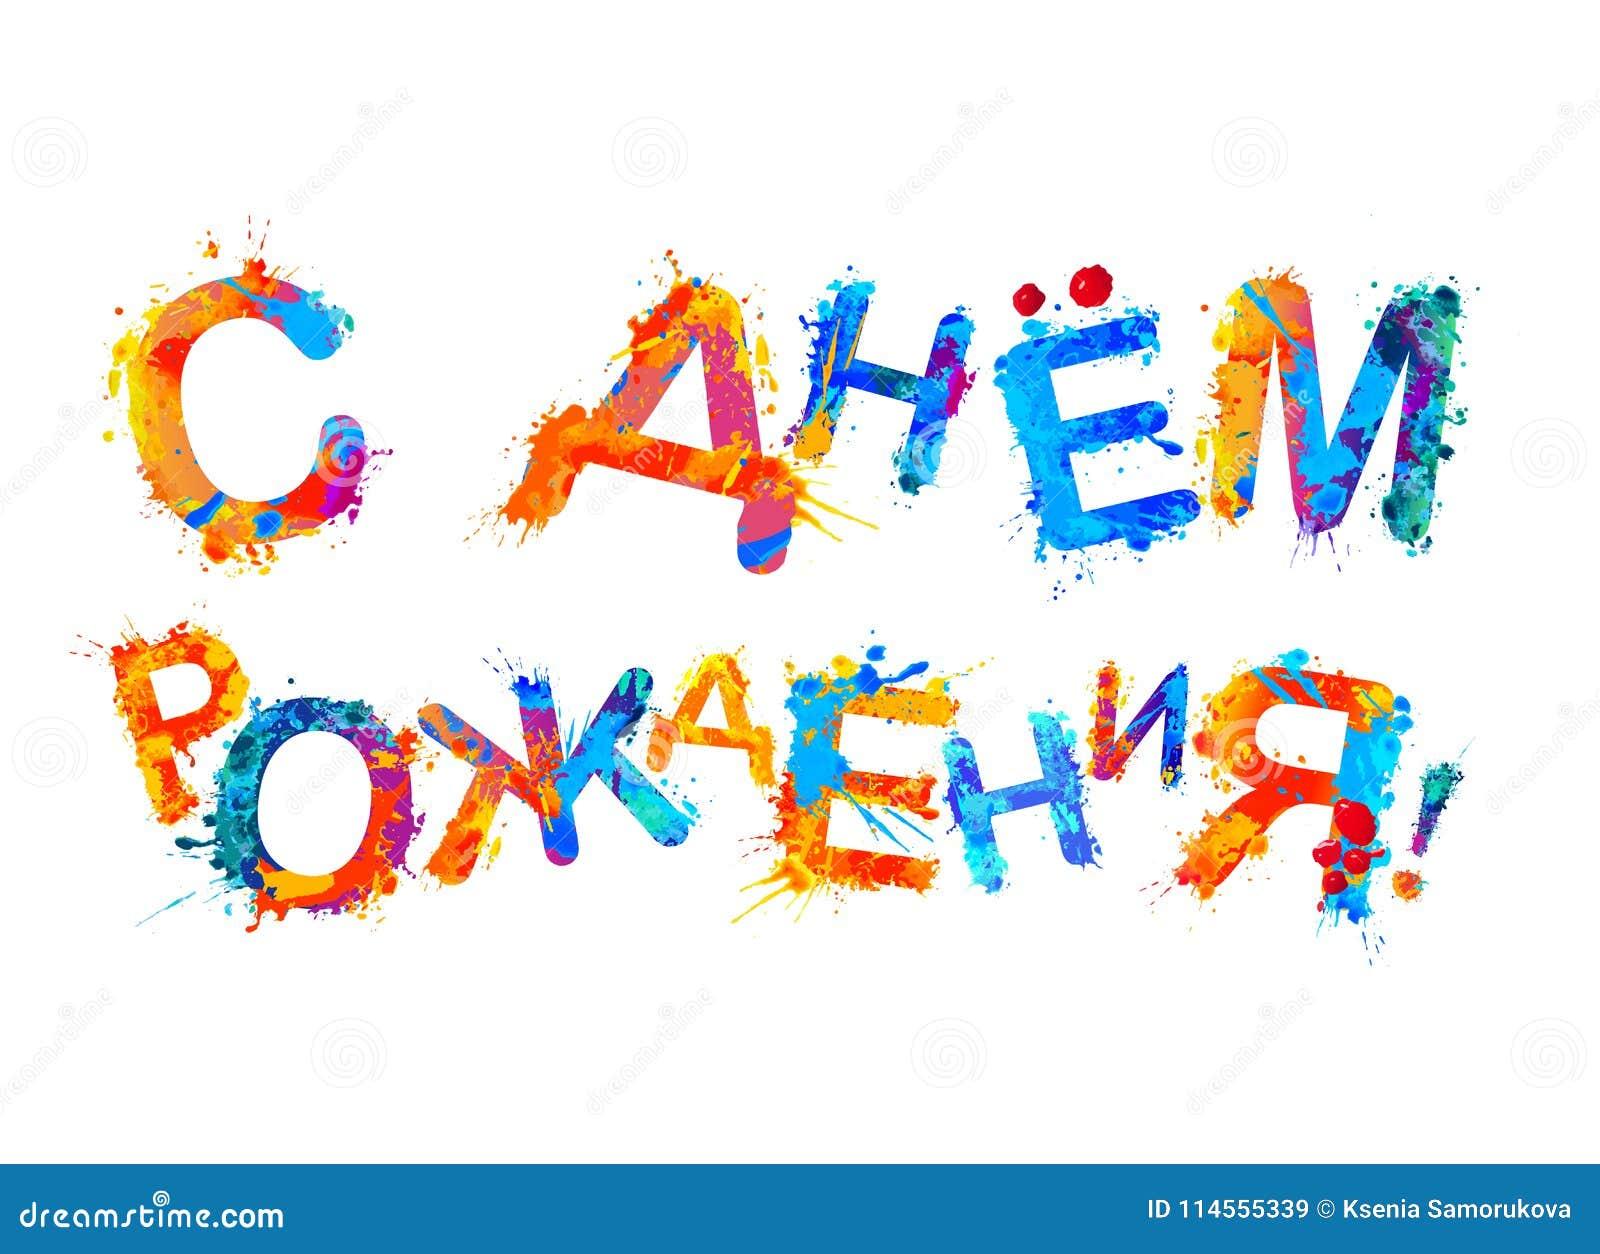 Alles Gute Zum Geburtstag Russische Sprache Spritzenfarbenbuchstaben